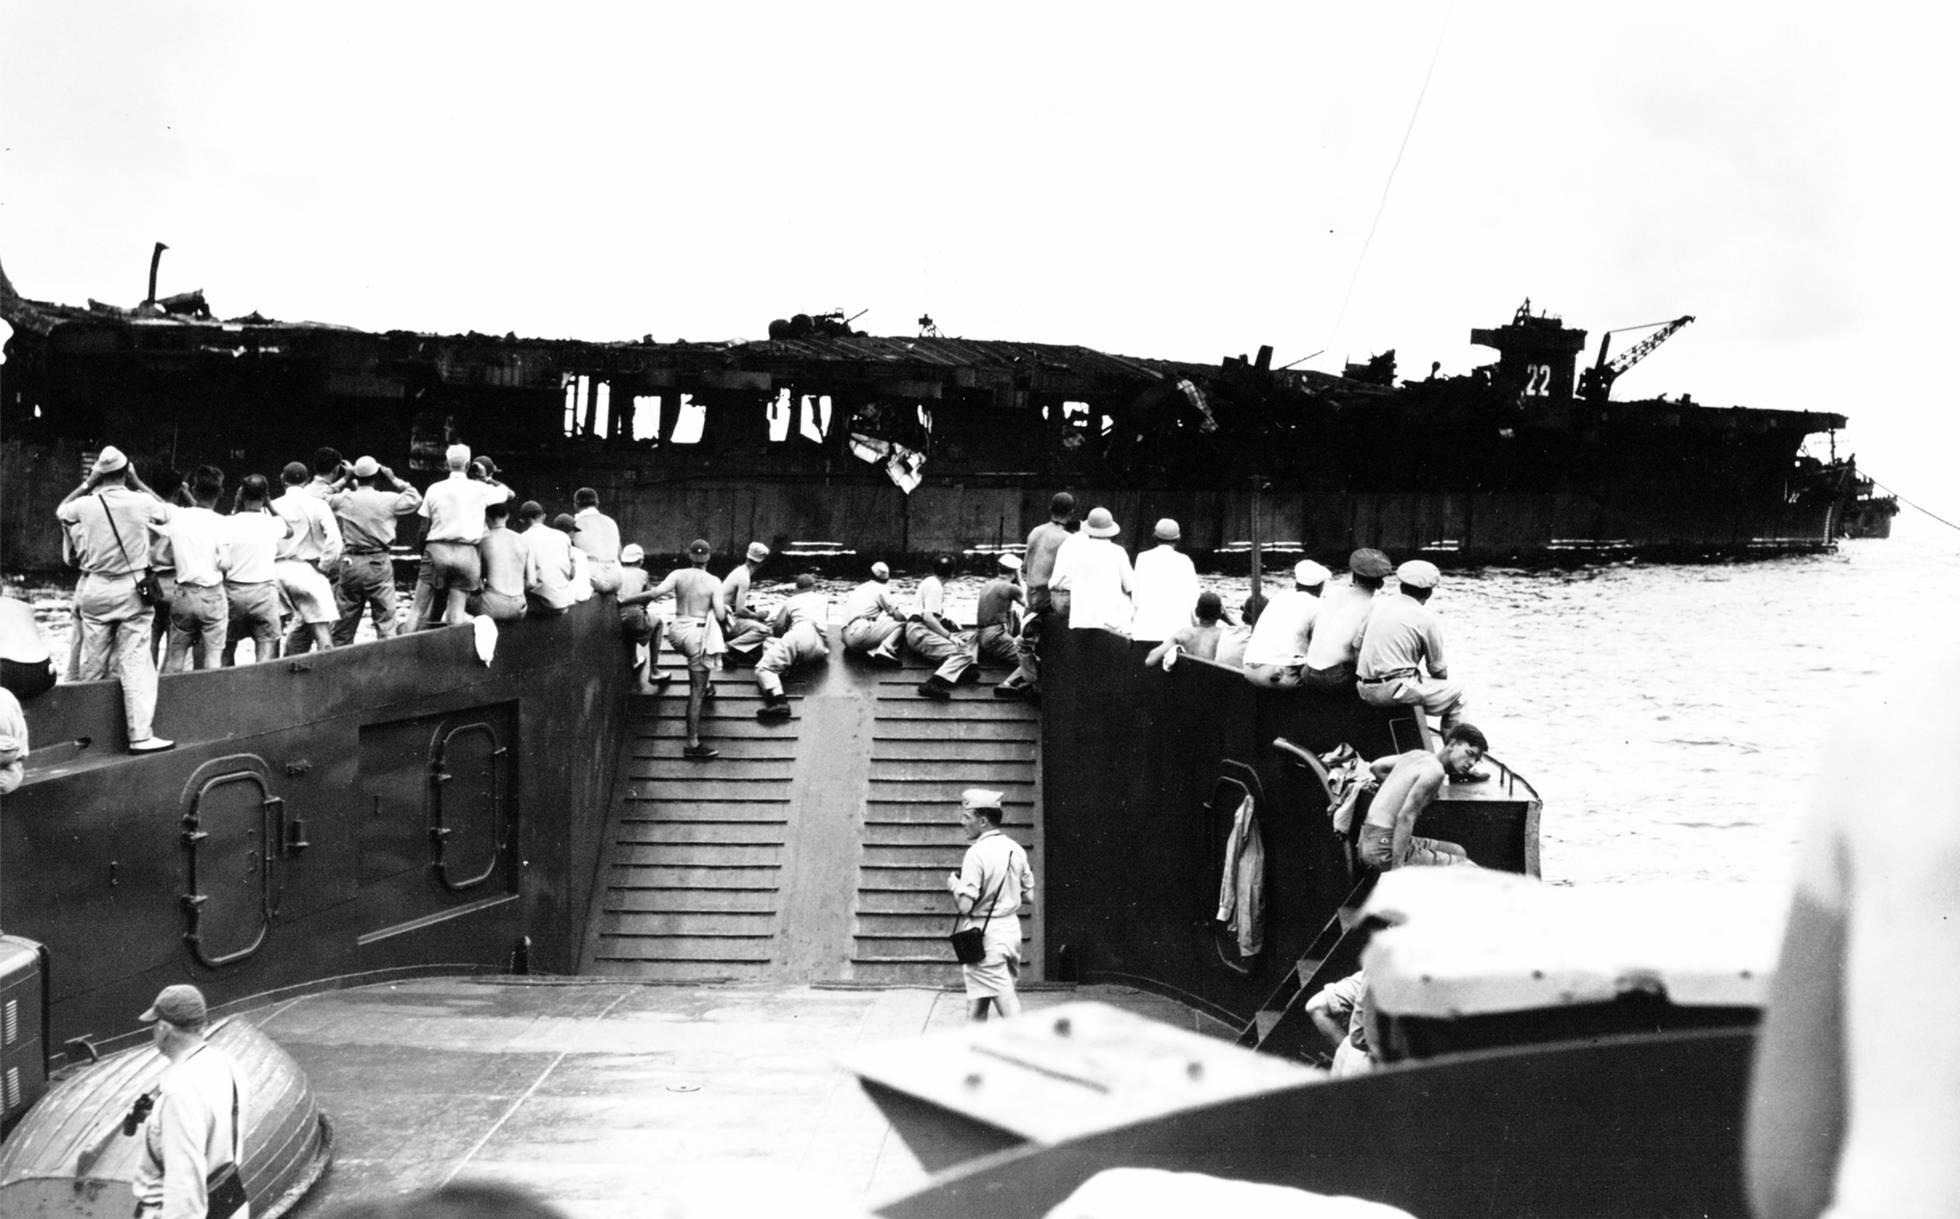 Encontrado naufrágio de bombas nucleares, imagem do US Independence